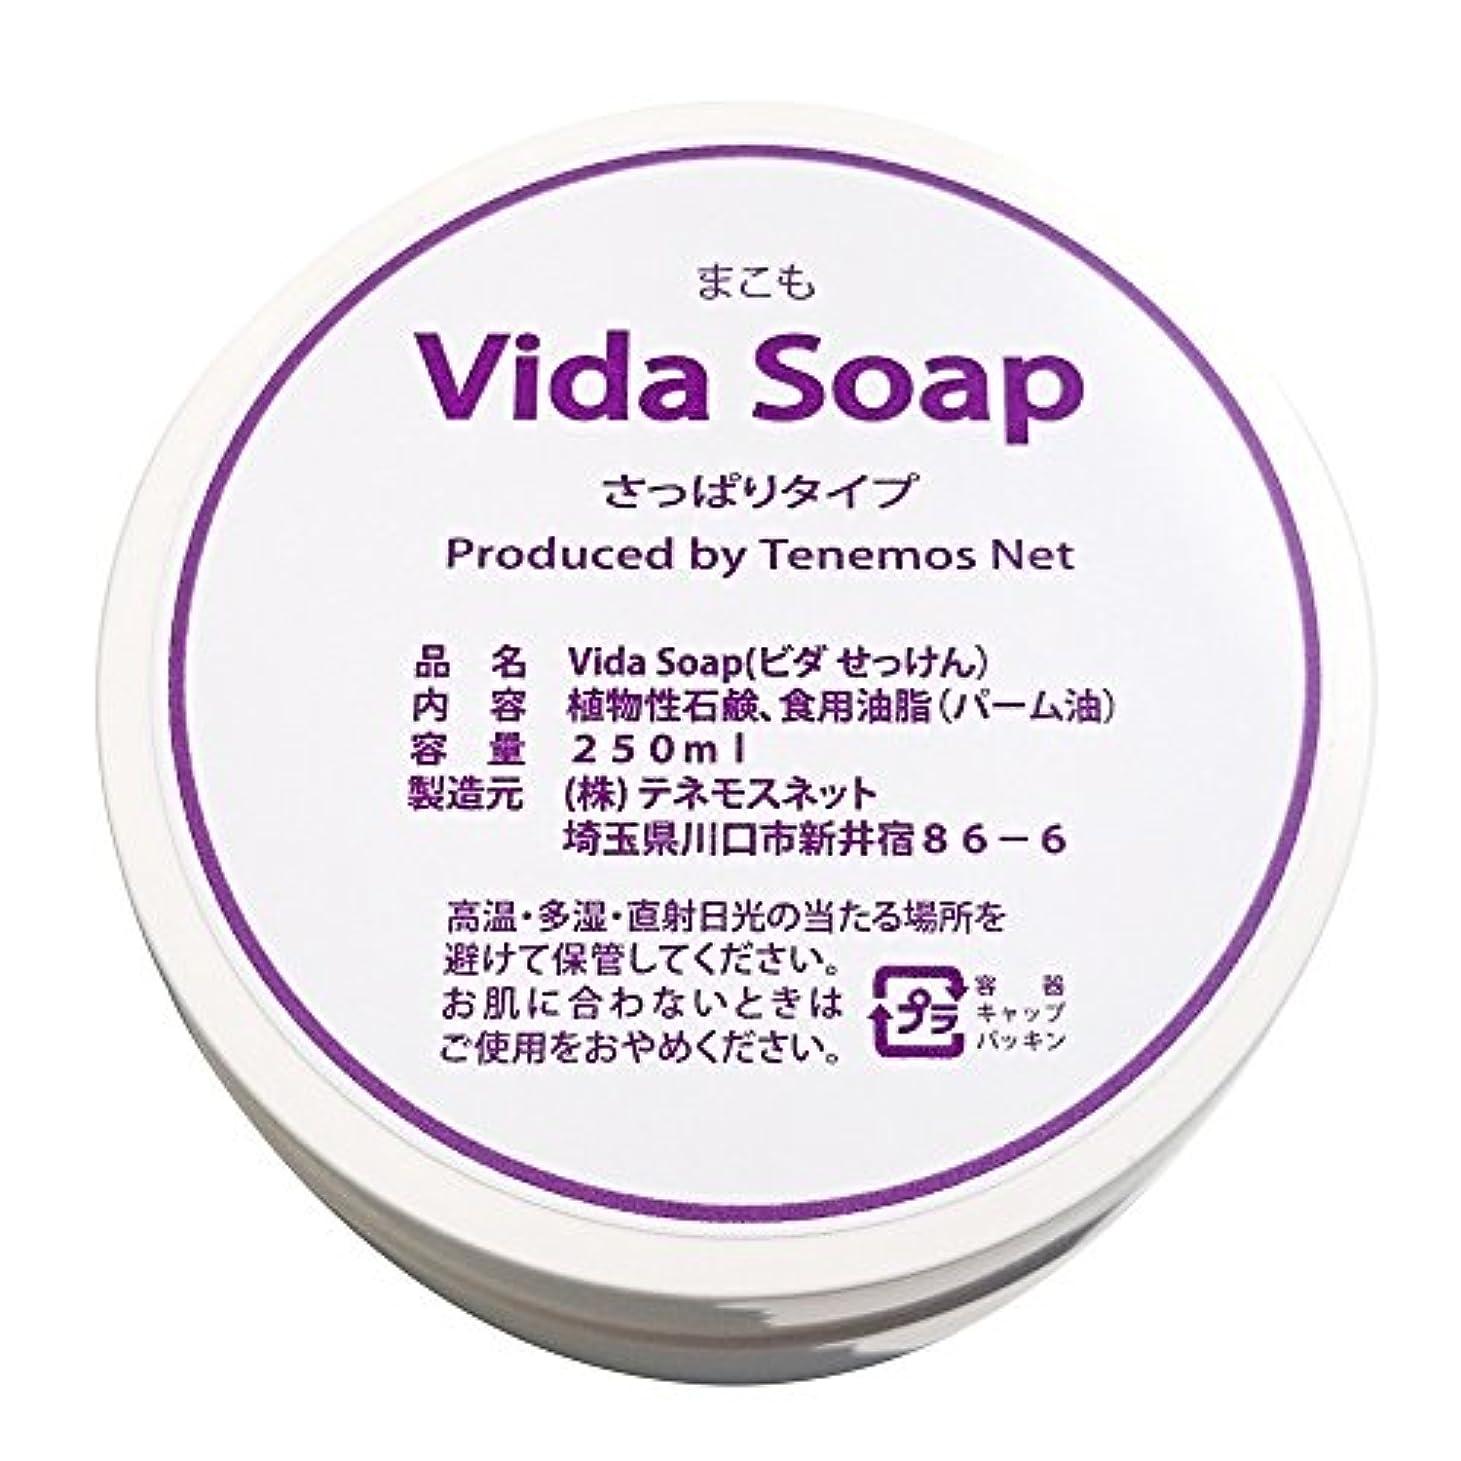 宇宙考慮よりテネモス ビダせっけん Vida Soap さっぱりまこも 植物性 250ml